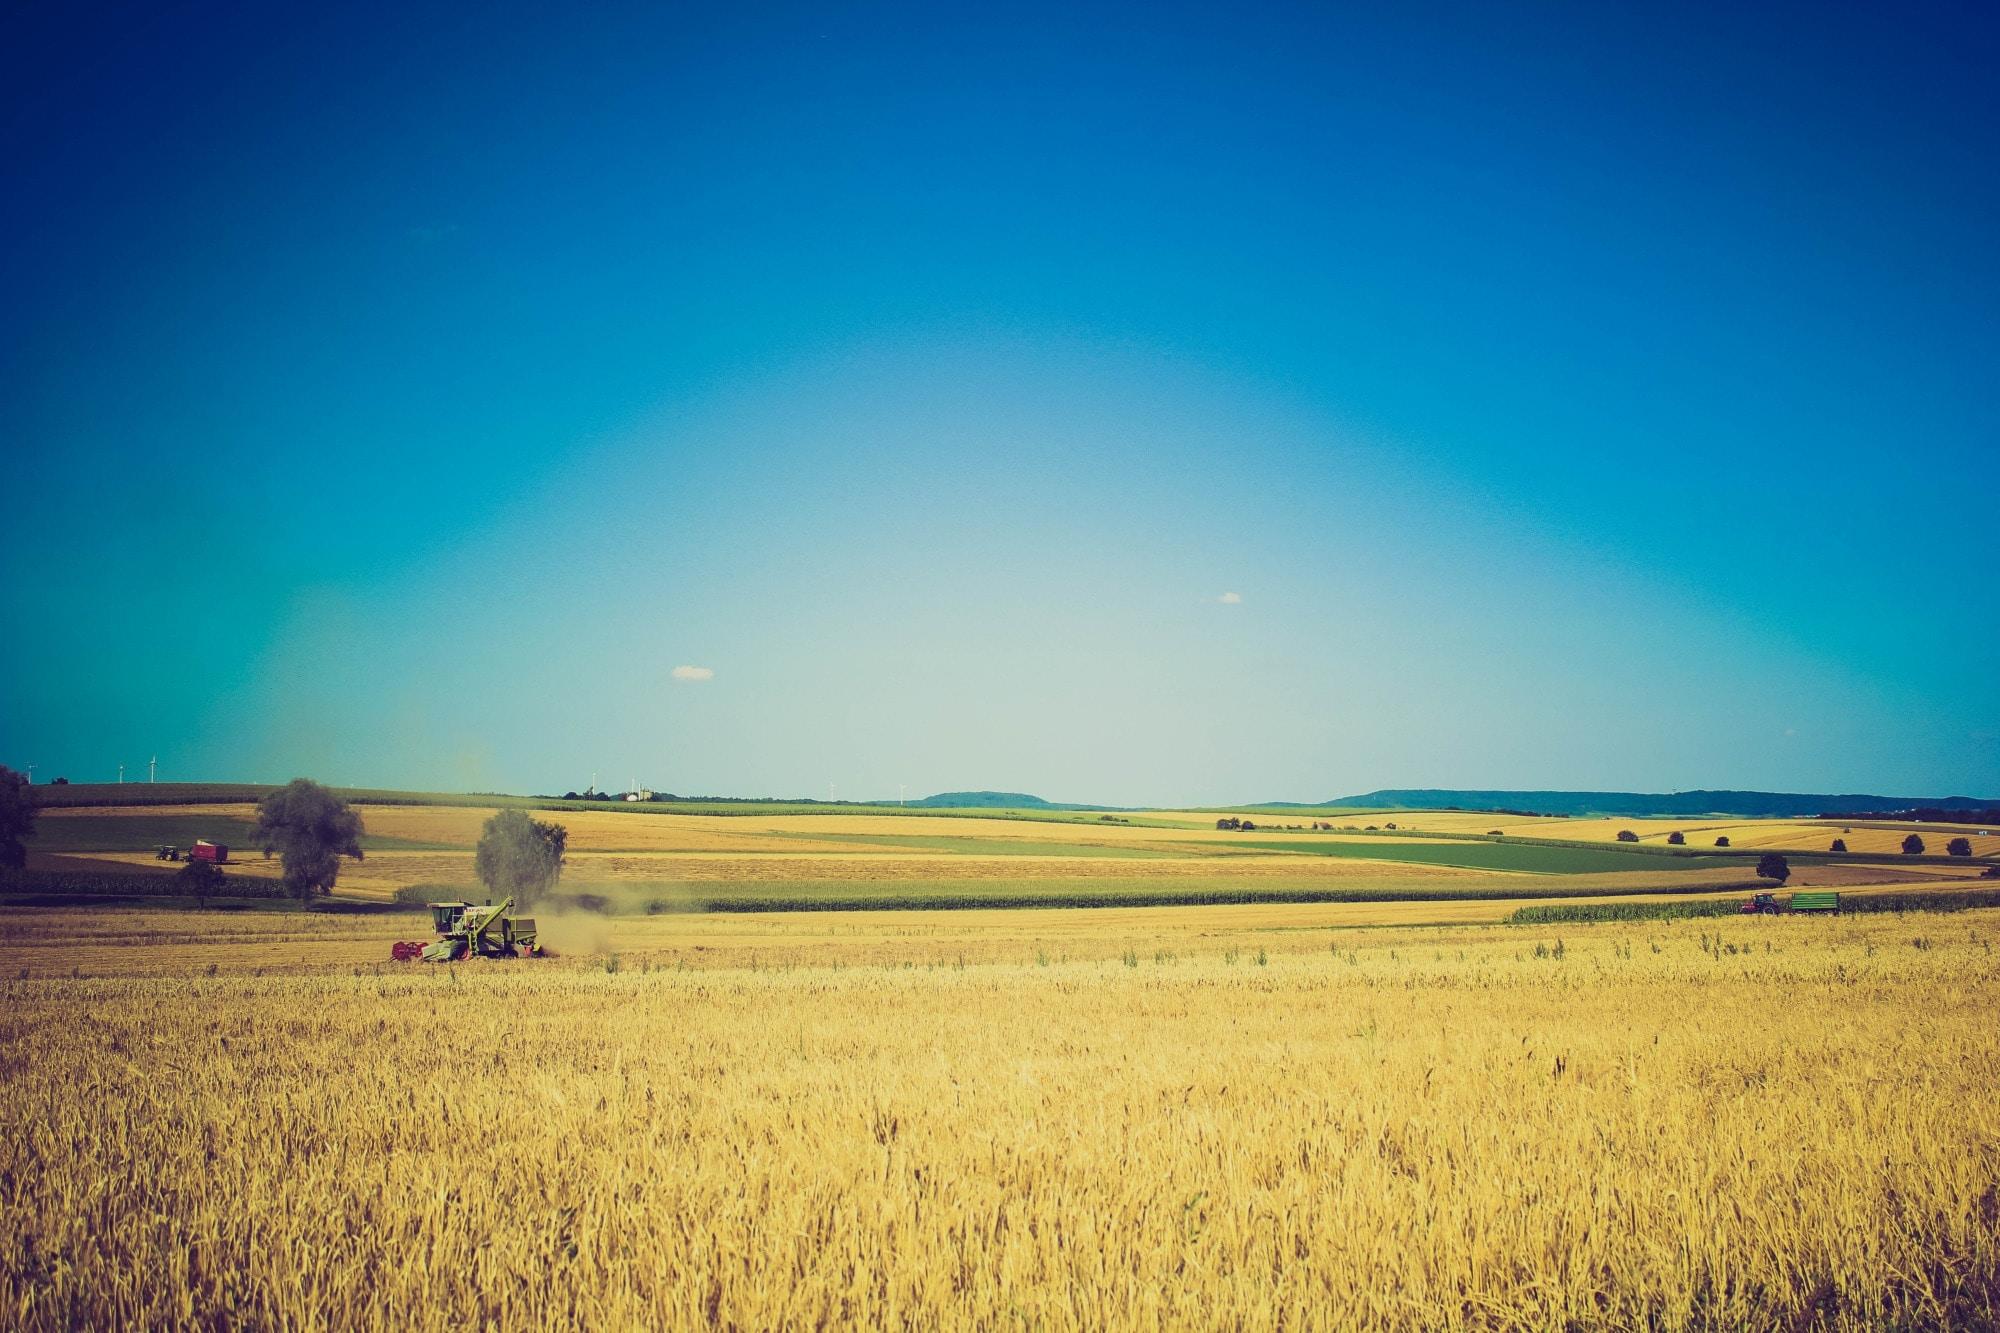 全球四大农业产品巨头合作,借助区块链推行粮食贸易数字化